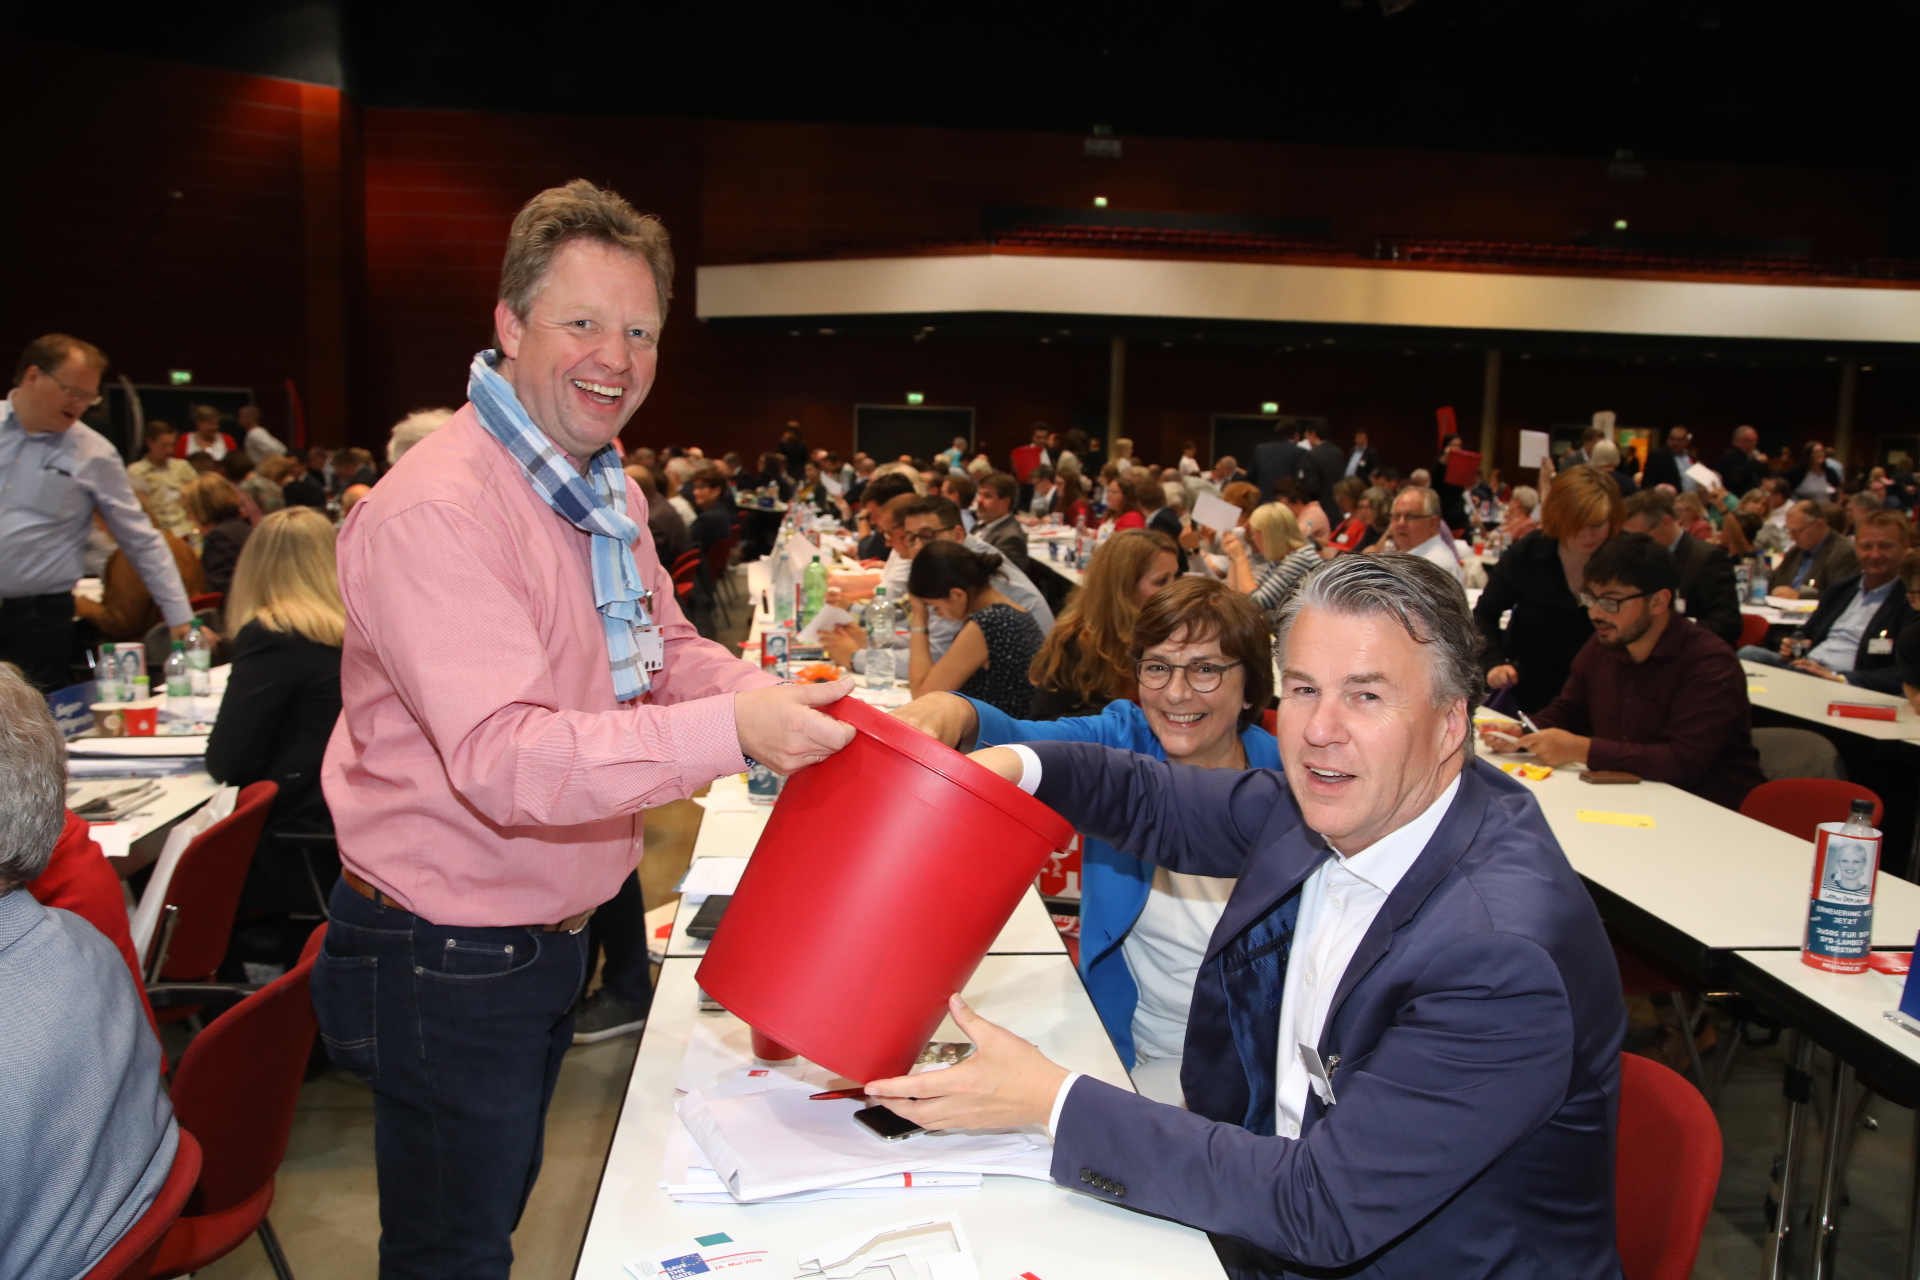 Ein Delegierter gibt seinen Wahlzettel in einen Eimer